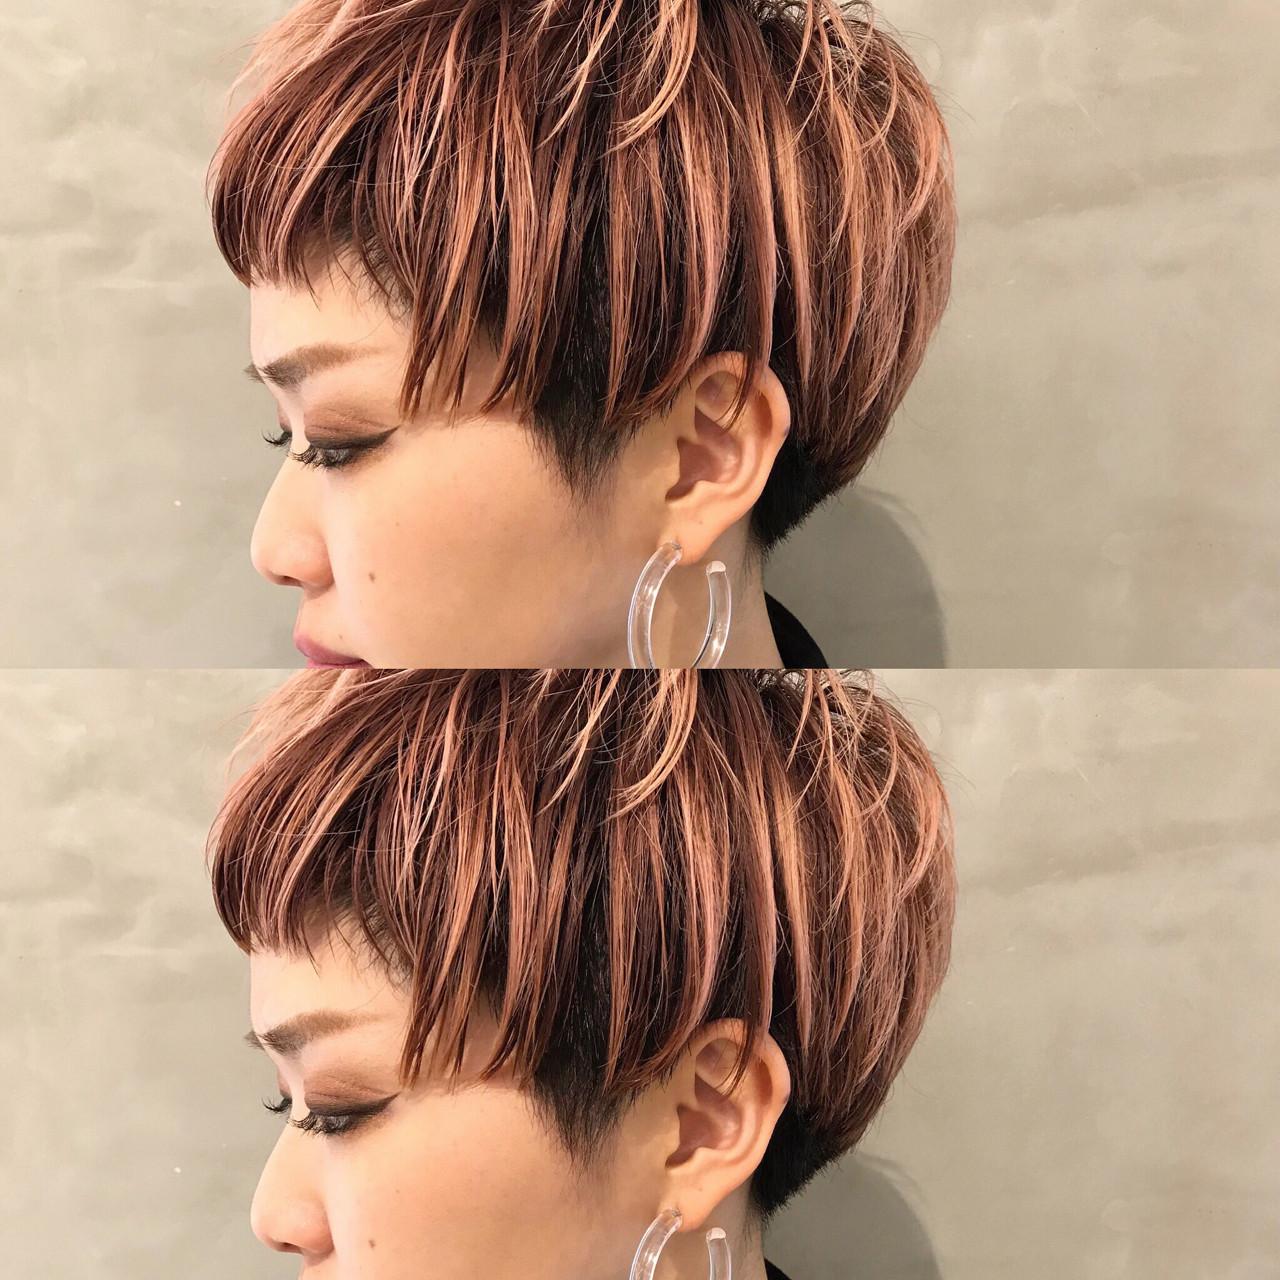 グラデーションカラー ピンク モード ベビーバング ヘアスタイルや髪型の写真・画像 | 永島 稔久 / Salon ryu